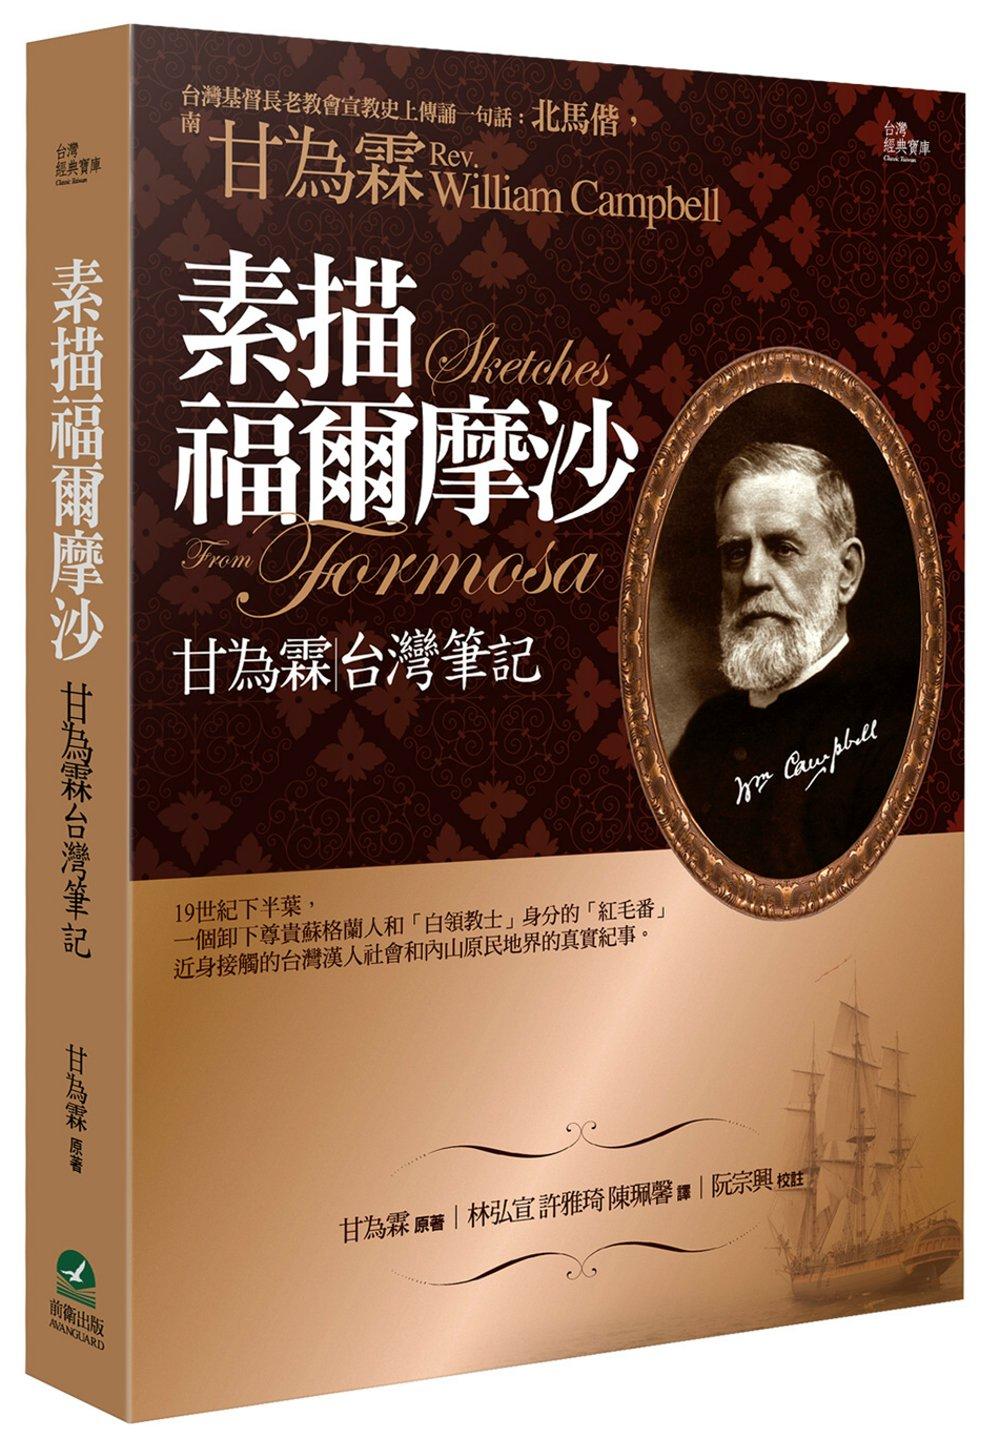 素描福爾摩沙:甘為霖台灣筆記